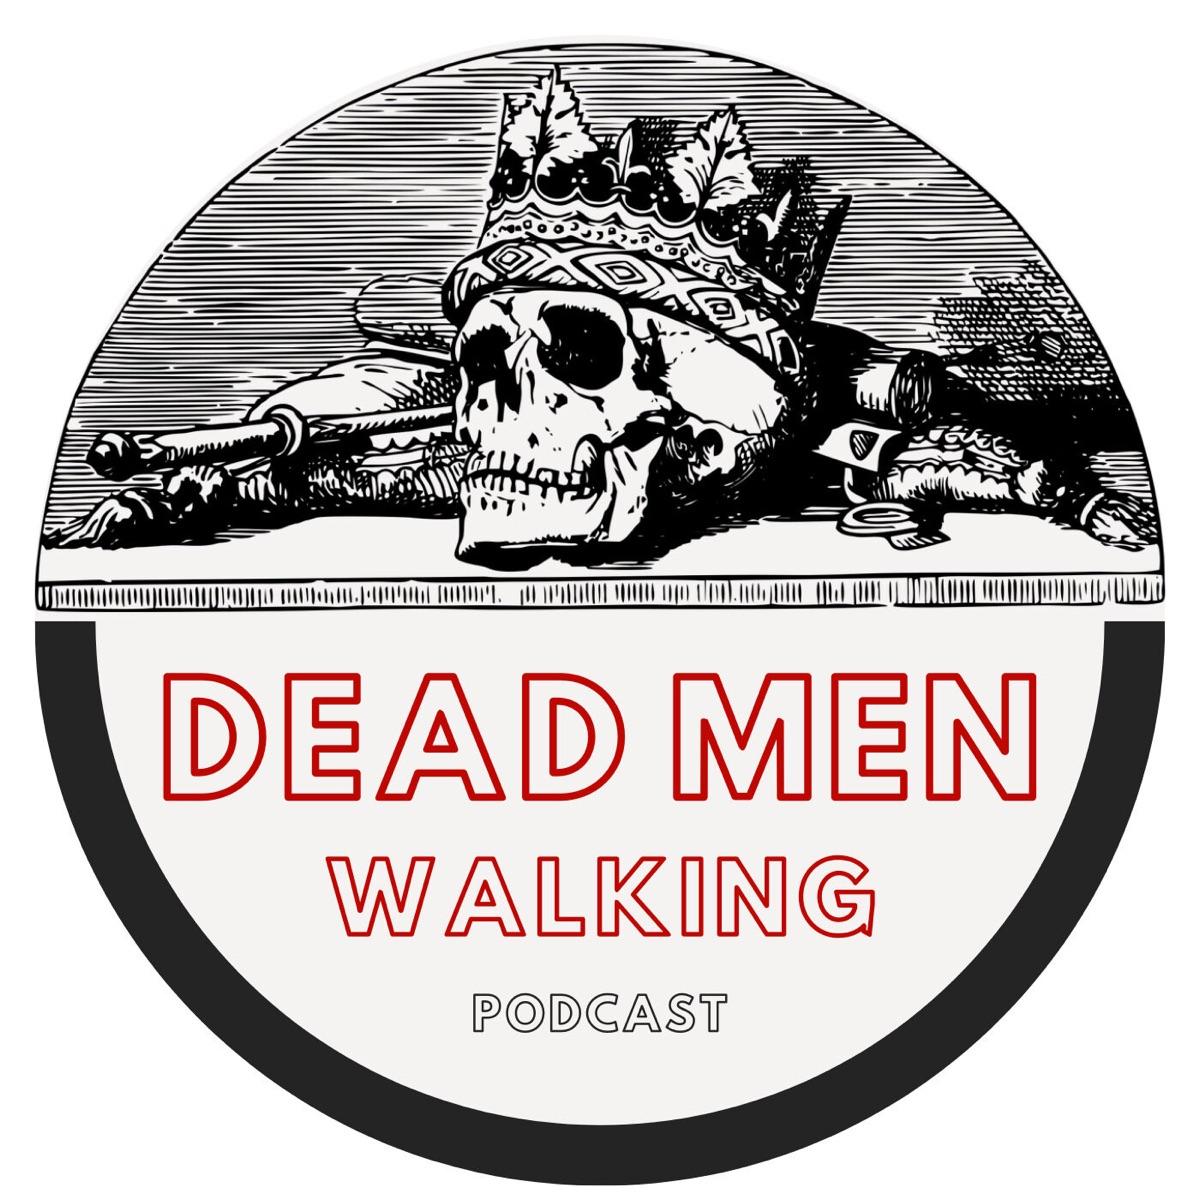 Dead Men Walking Podcast